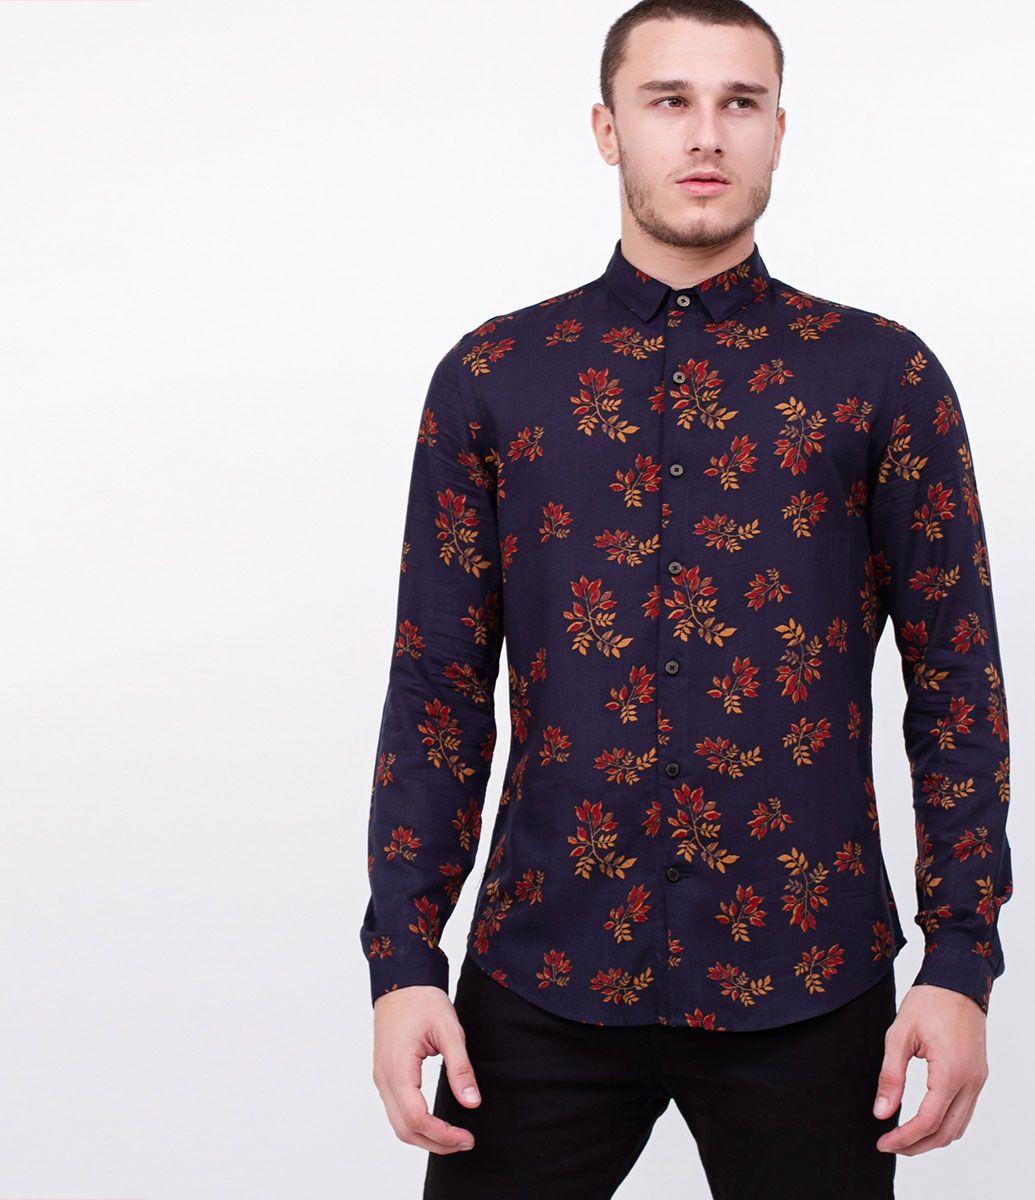 3bab77f2f Camisa masculina Manga comprida Floral Marca  Request Tecido  voal  Composição  100% viscose